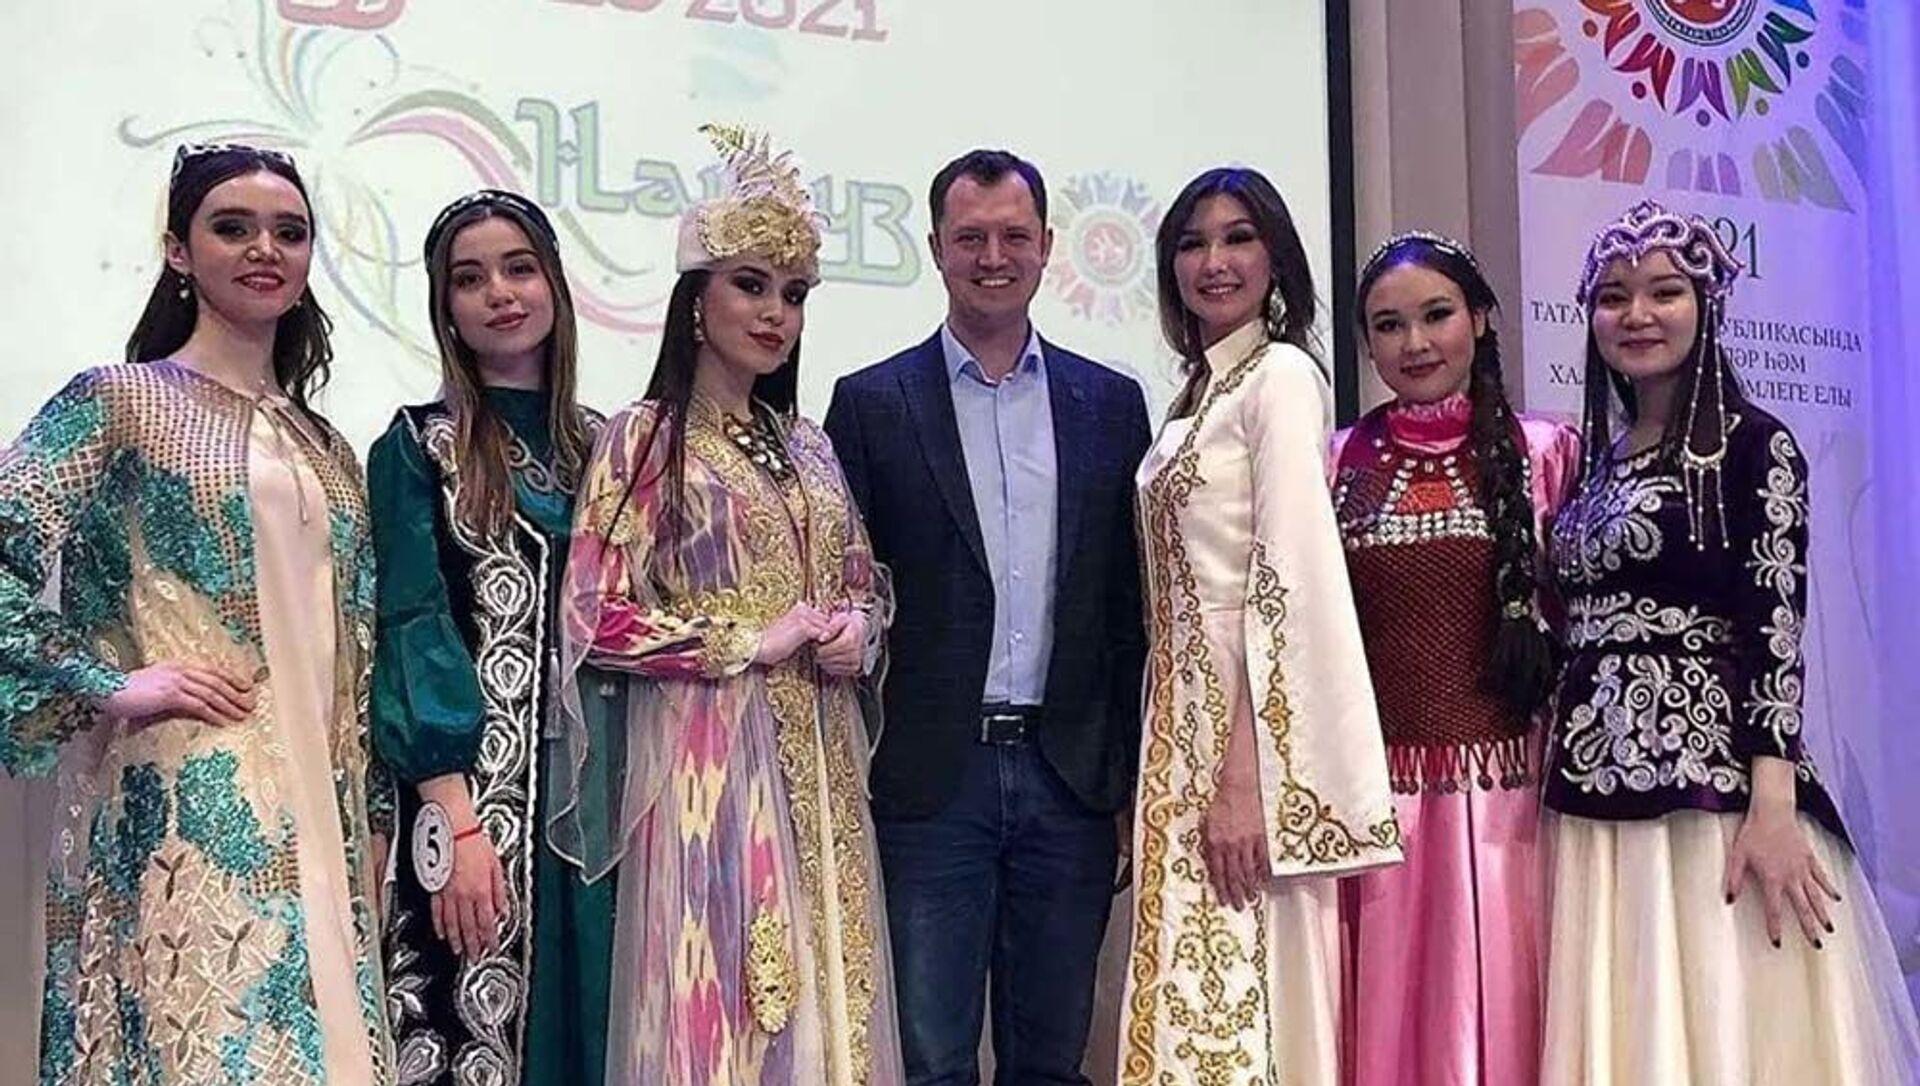 Кыргызстанка стала призером конкурса Красавица Нооруза — 2021 в Казани - Sputnik Таджикистан, 1920, 23.03.2021